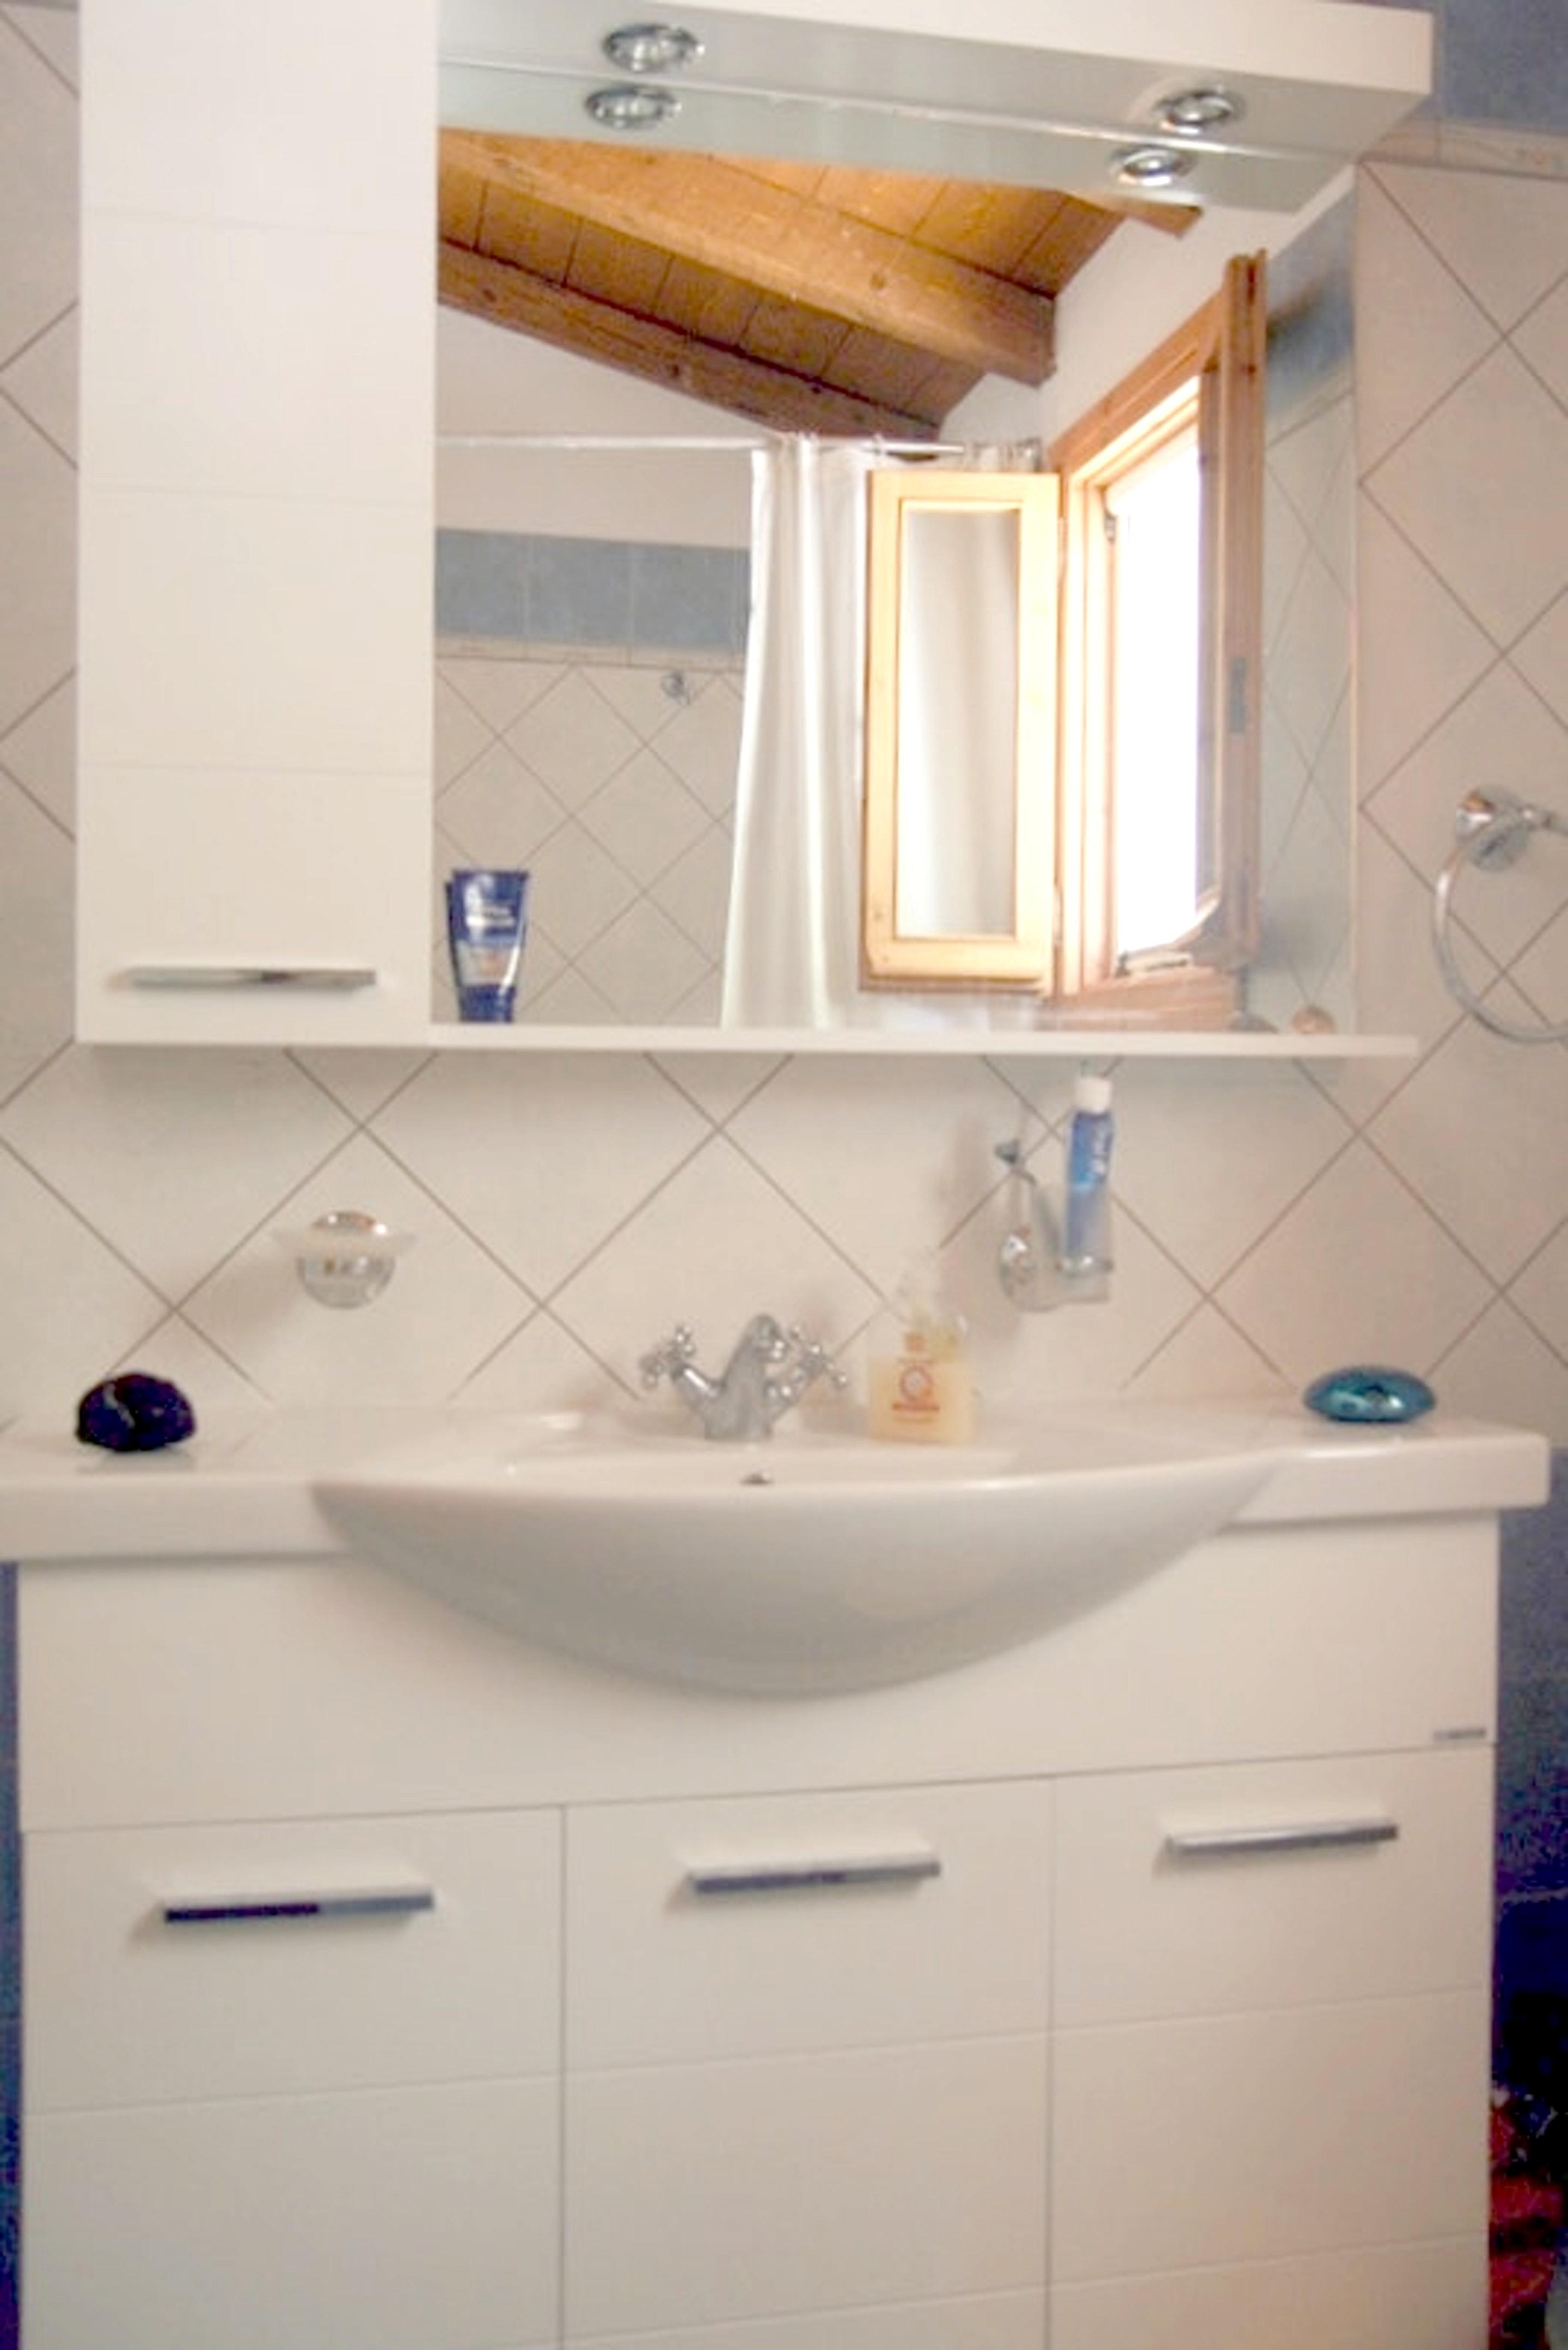 Maison de vacances Haus mit 2 Schlafzimmern in Corfou mit toller Aussicht auf die Berge (2202447), Moraitika, Corfou, Iles Ioniennes, Grèce, image 12